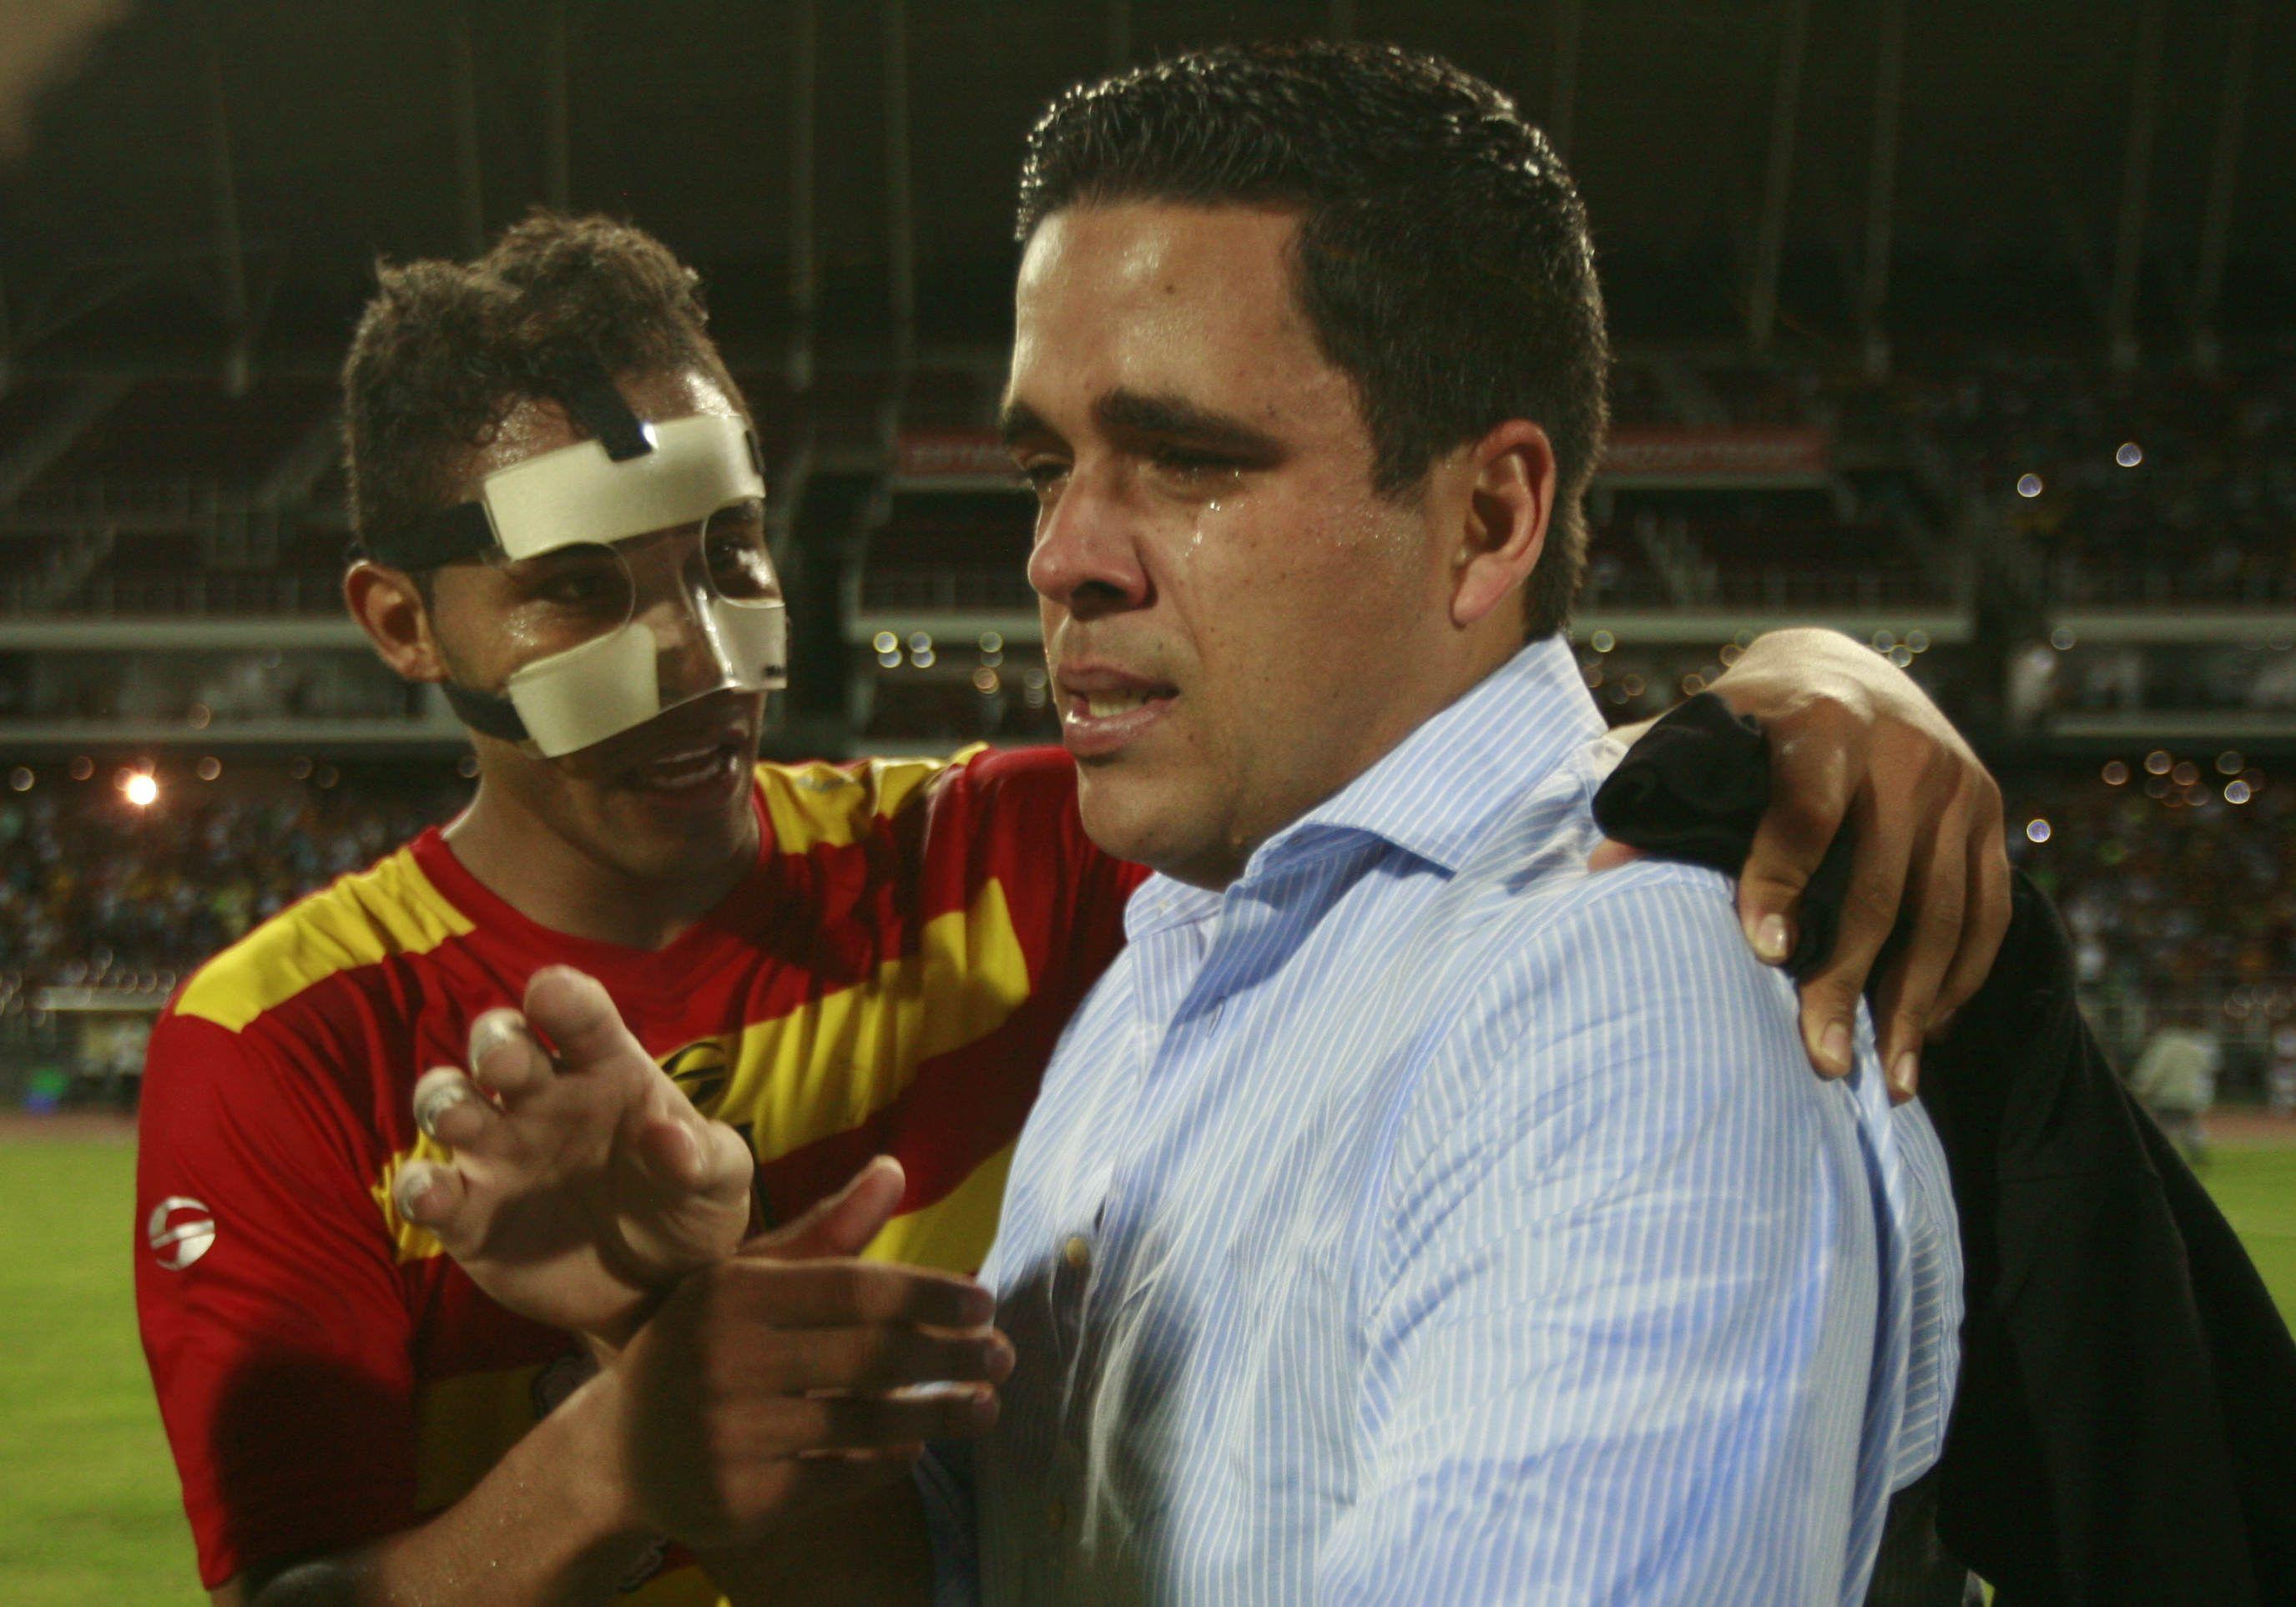 El Deportivo Anzoátegui se tituló campeón del Torneo Apertura 2012 del fútbol venezolano  Créditos: Gil Montaño